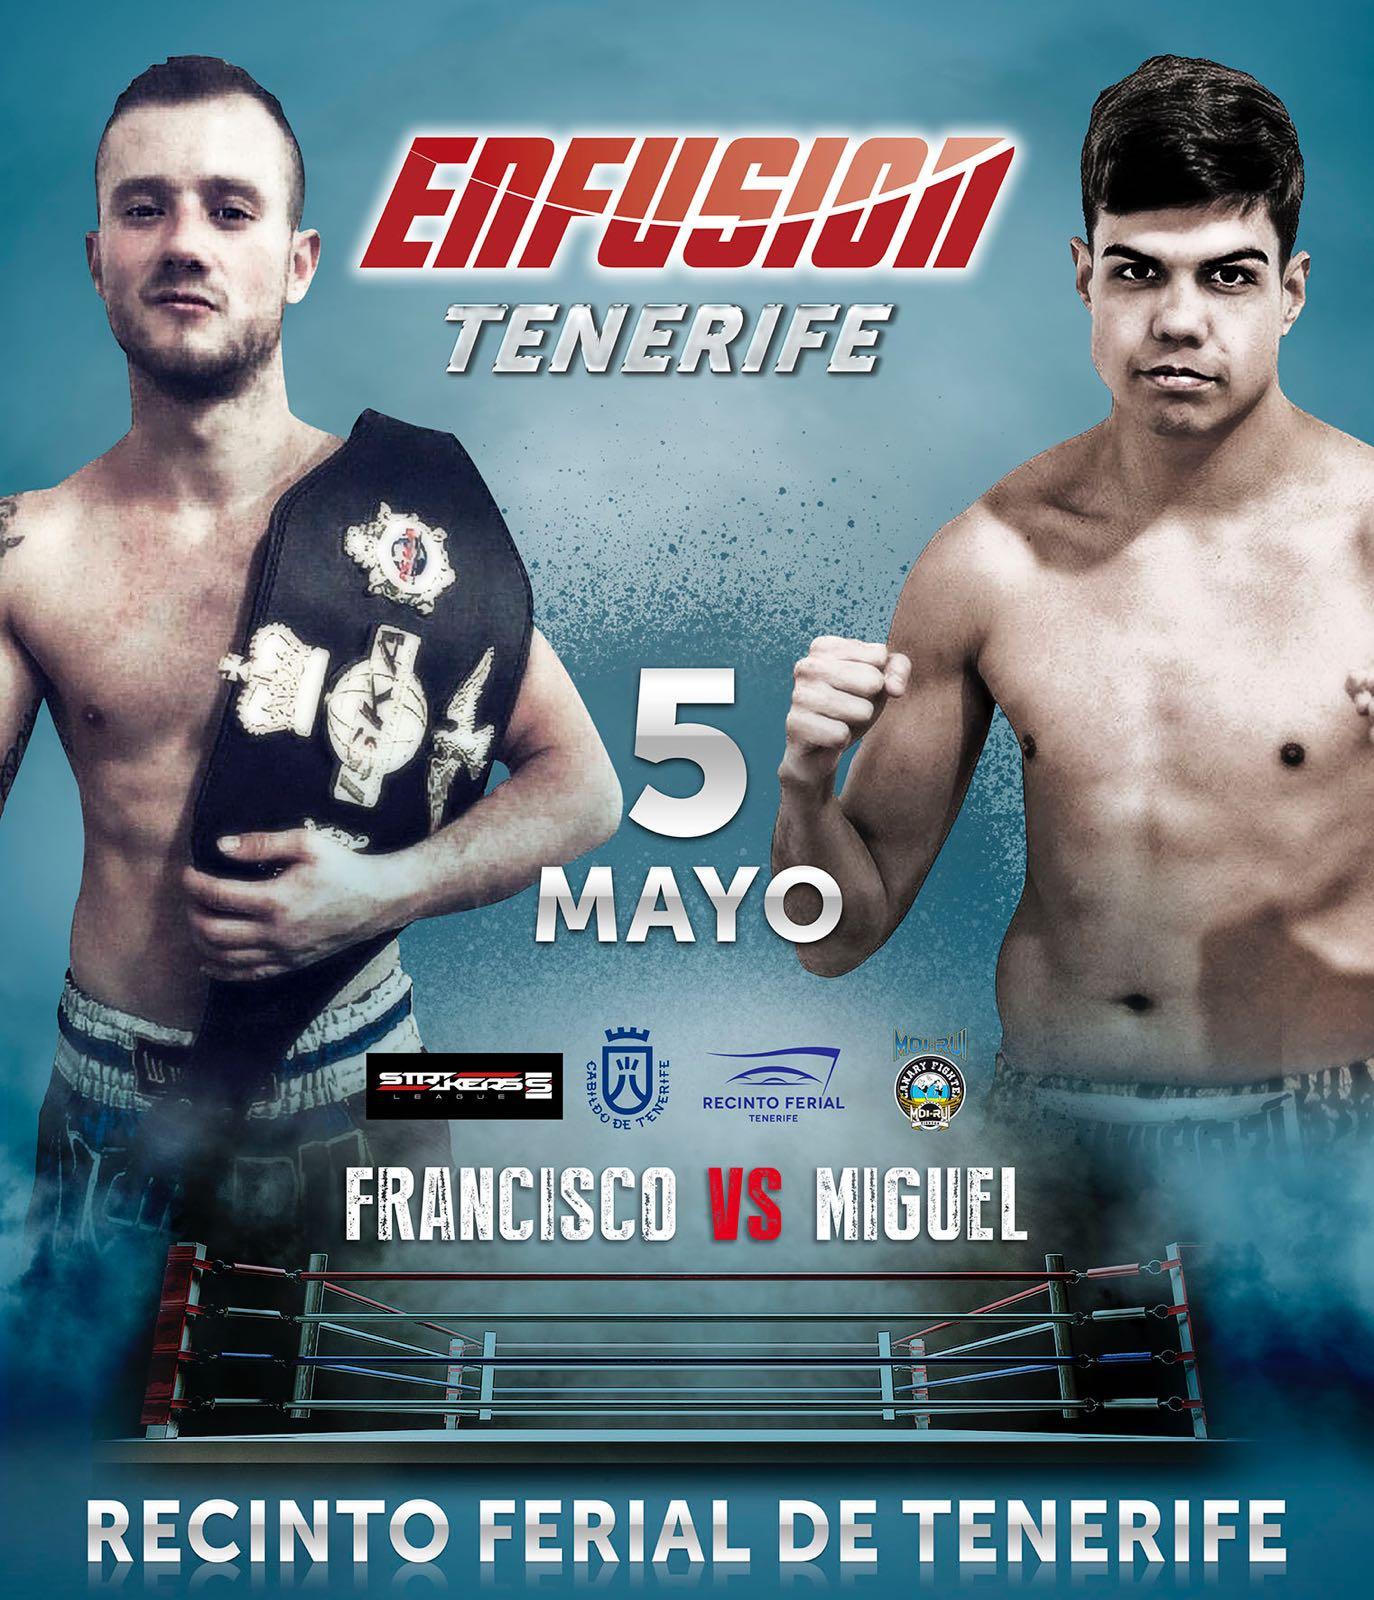 6- Miguel Vs Francisco